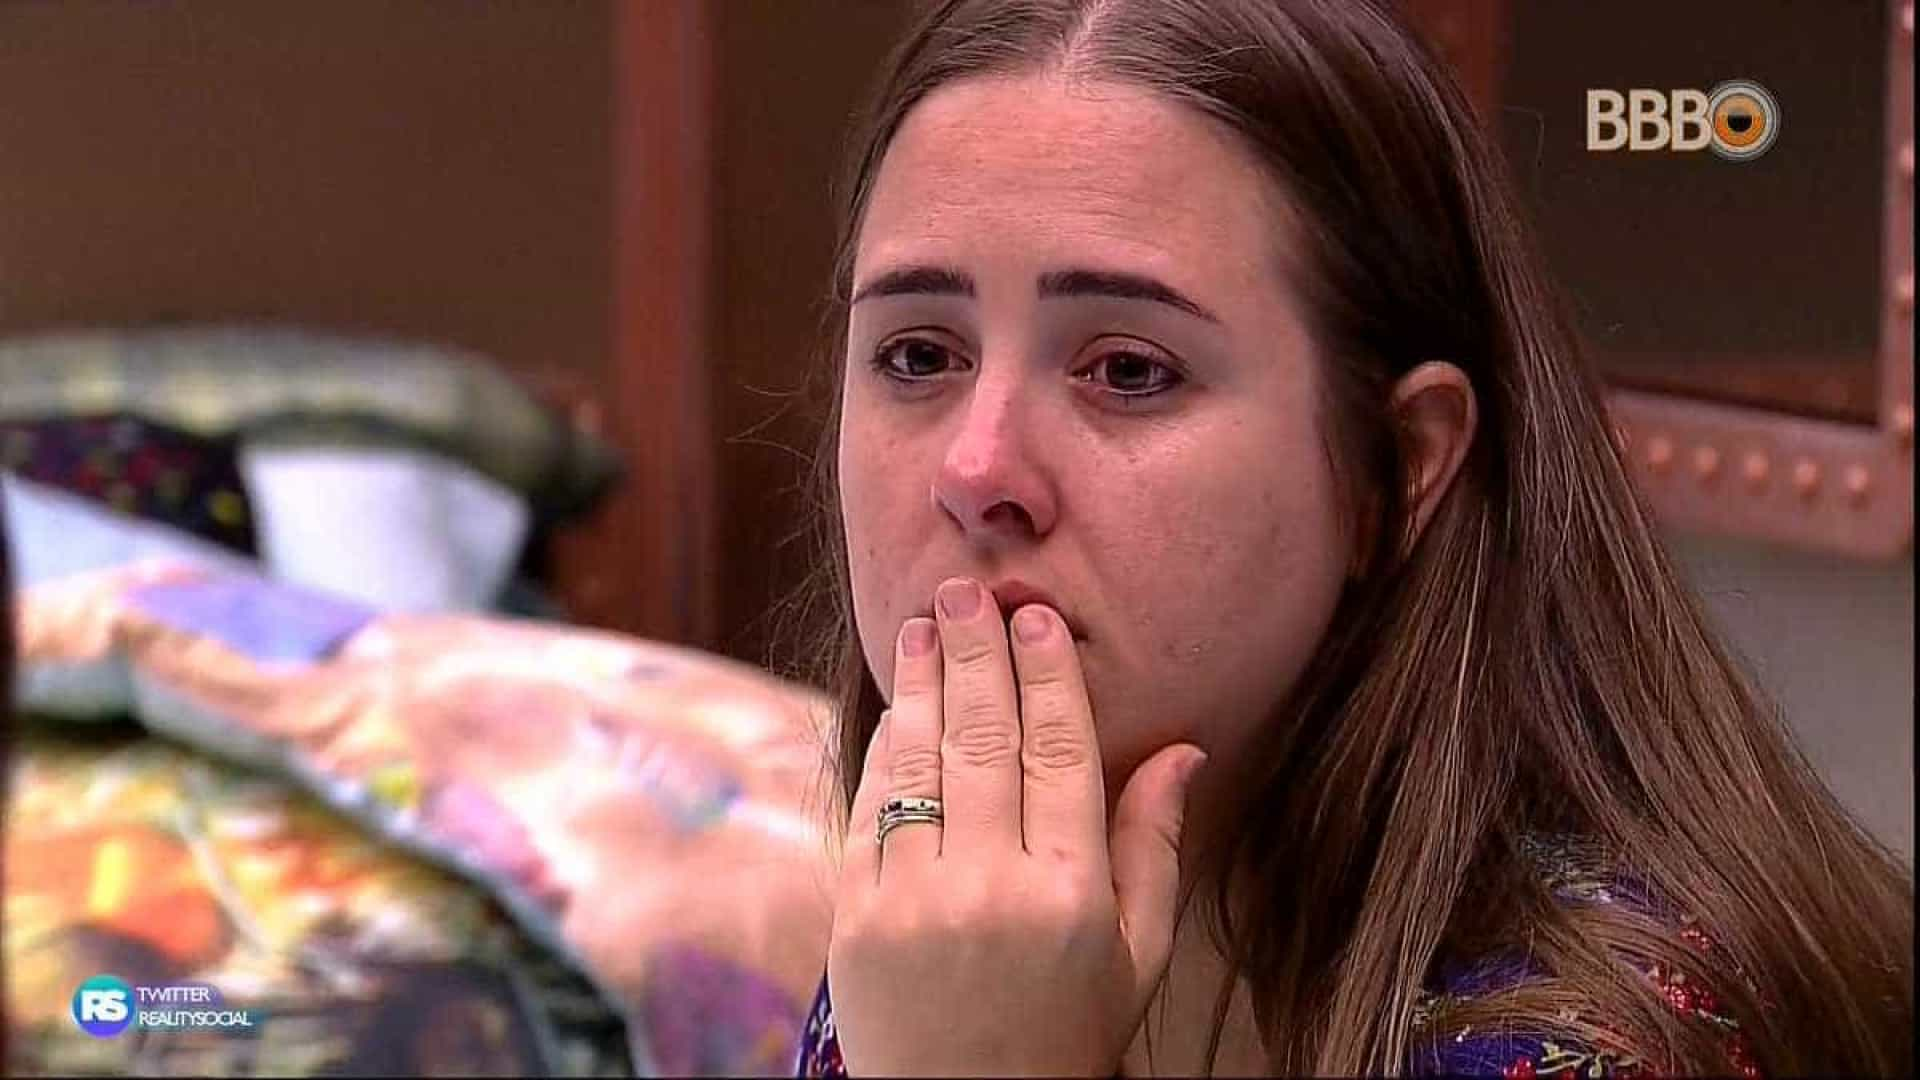 Com 94,26% dos votos, Patrícia é eliminada e atinge recorde de rejeição